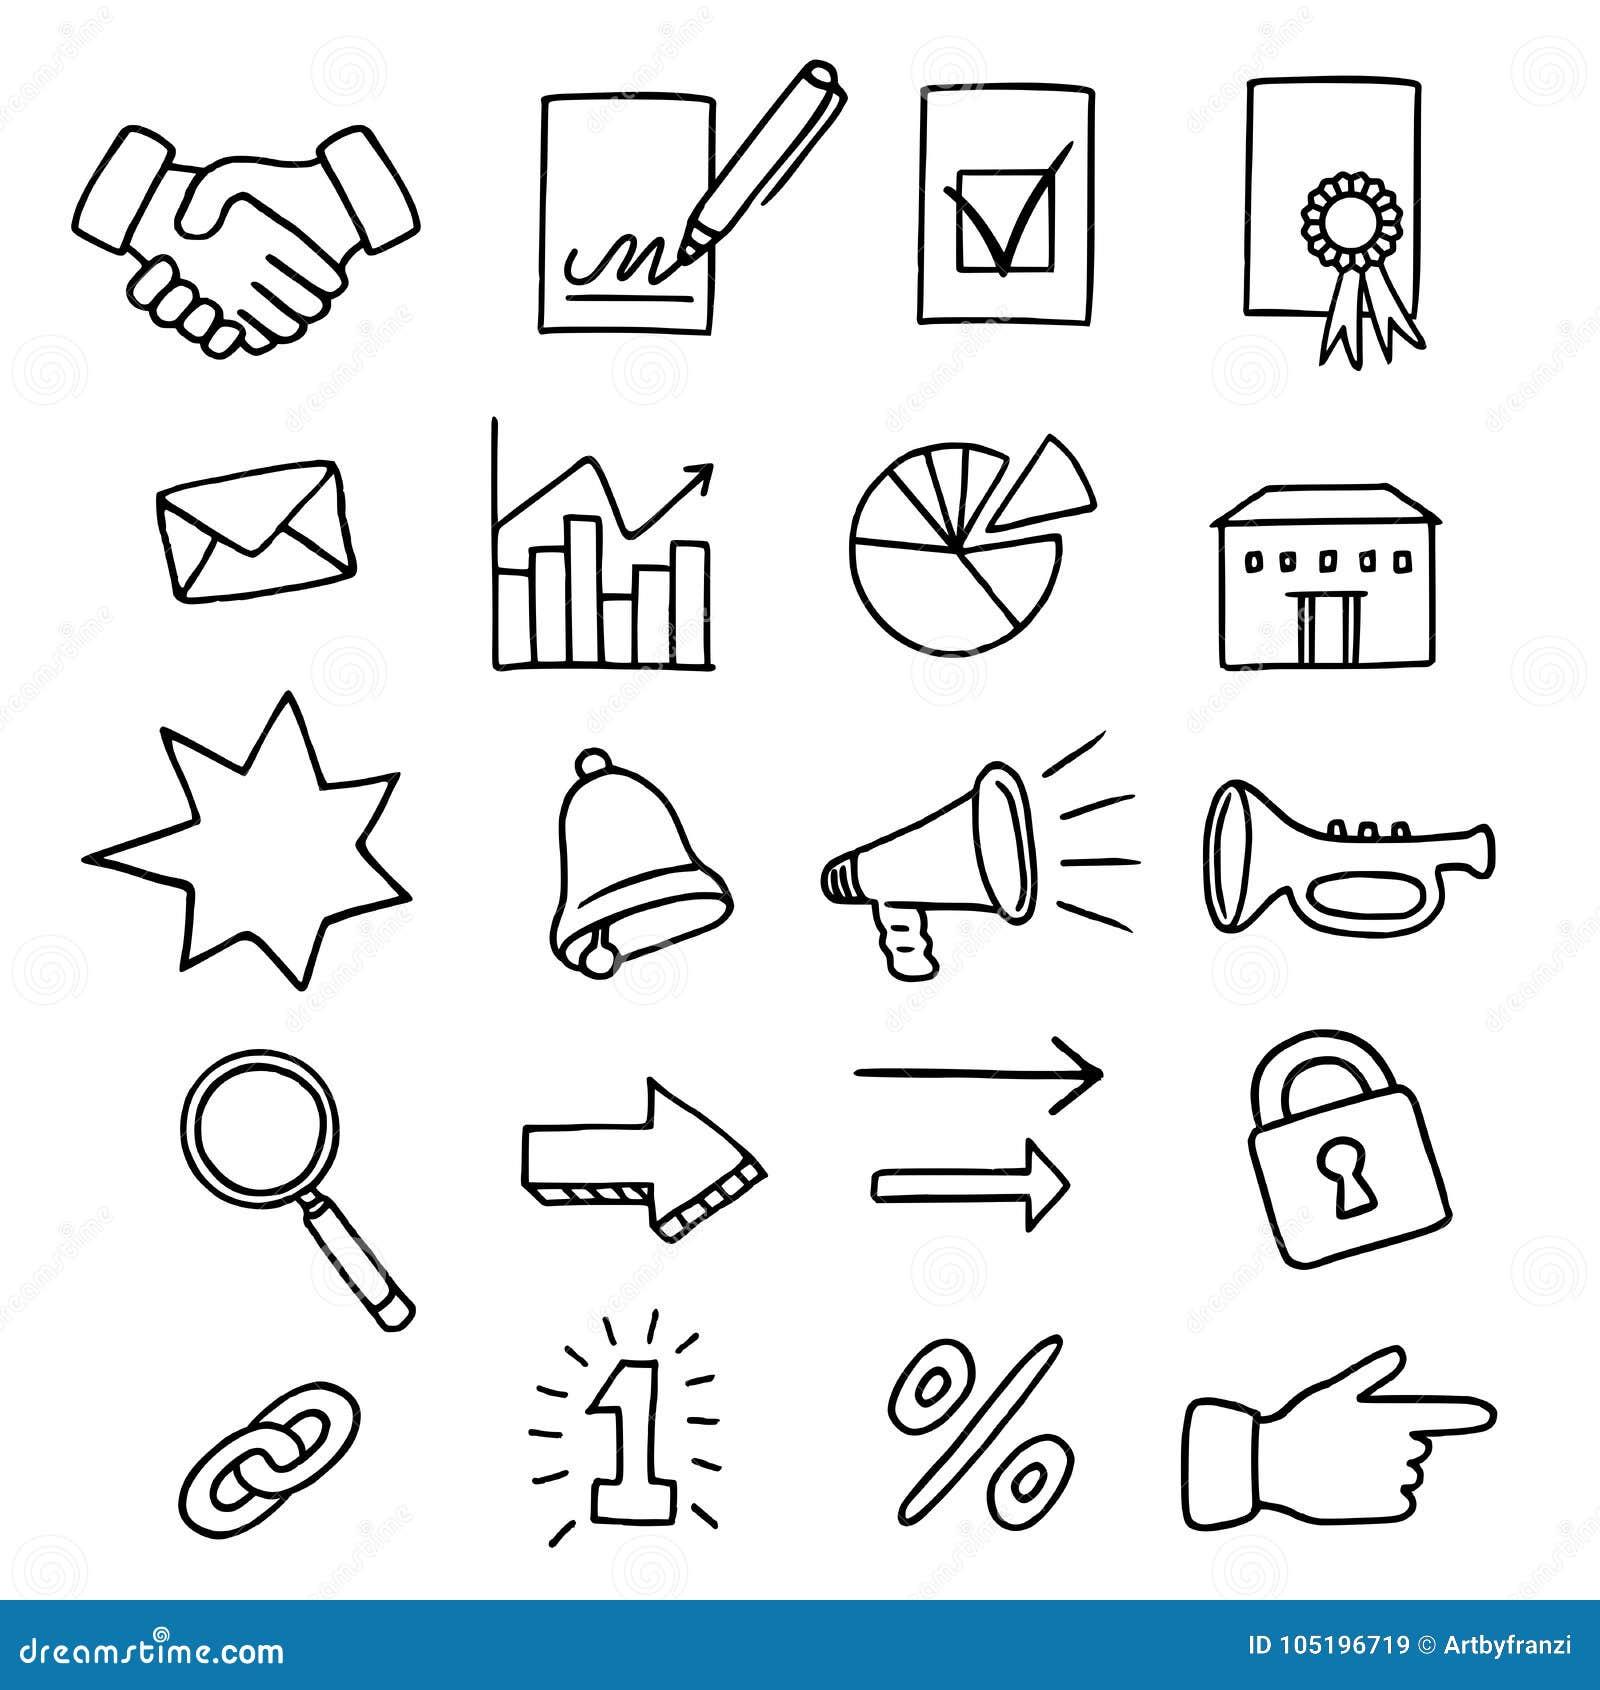 Σύνολο 20 σχετικών με την επιχείρηση εικονιδίων